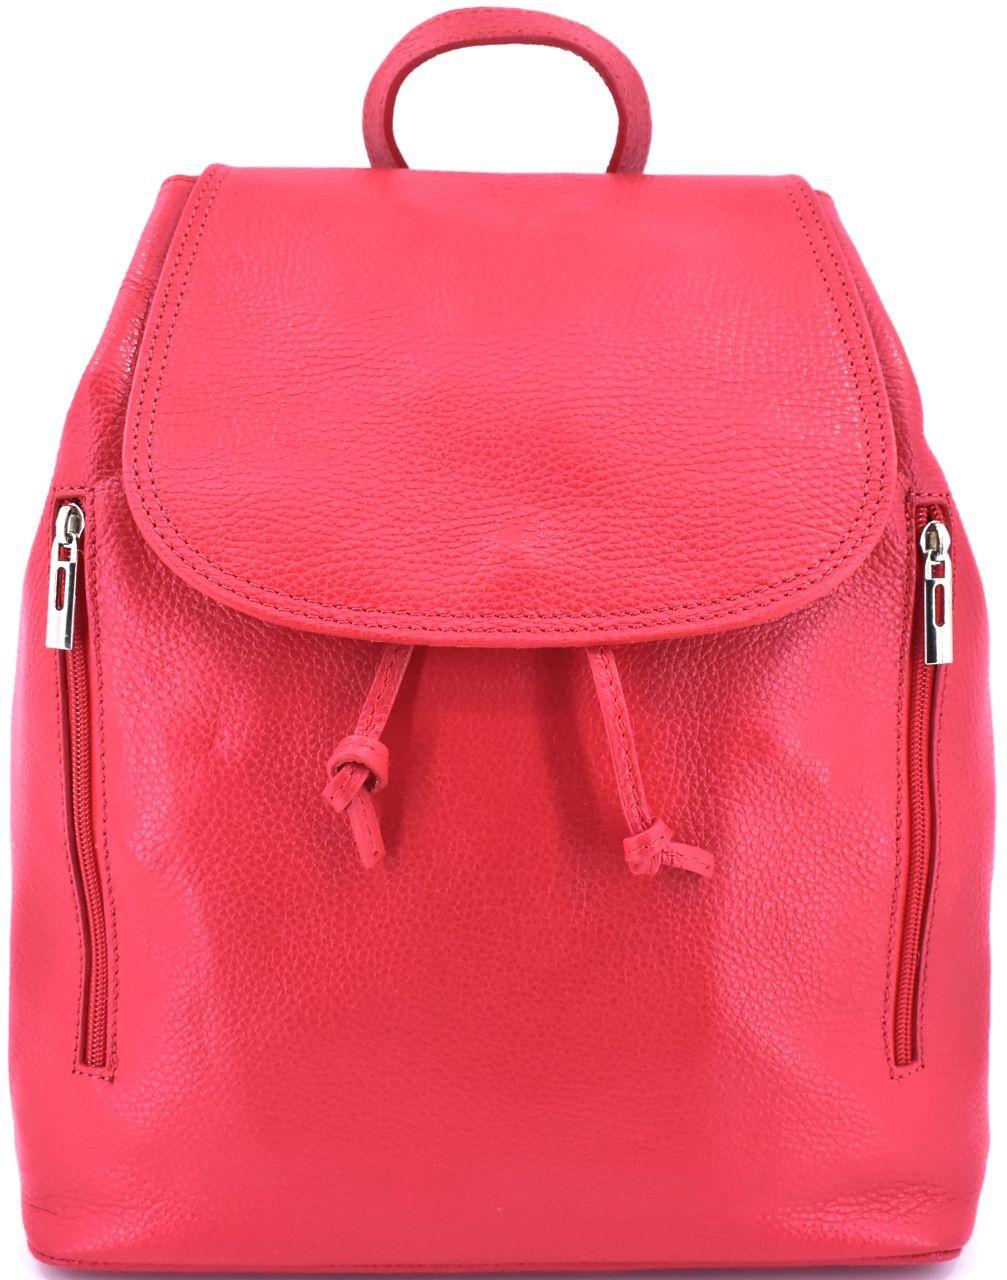 Levně Dámský kožený batoh s klopnou Arteddy - světle červená